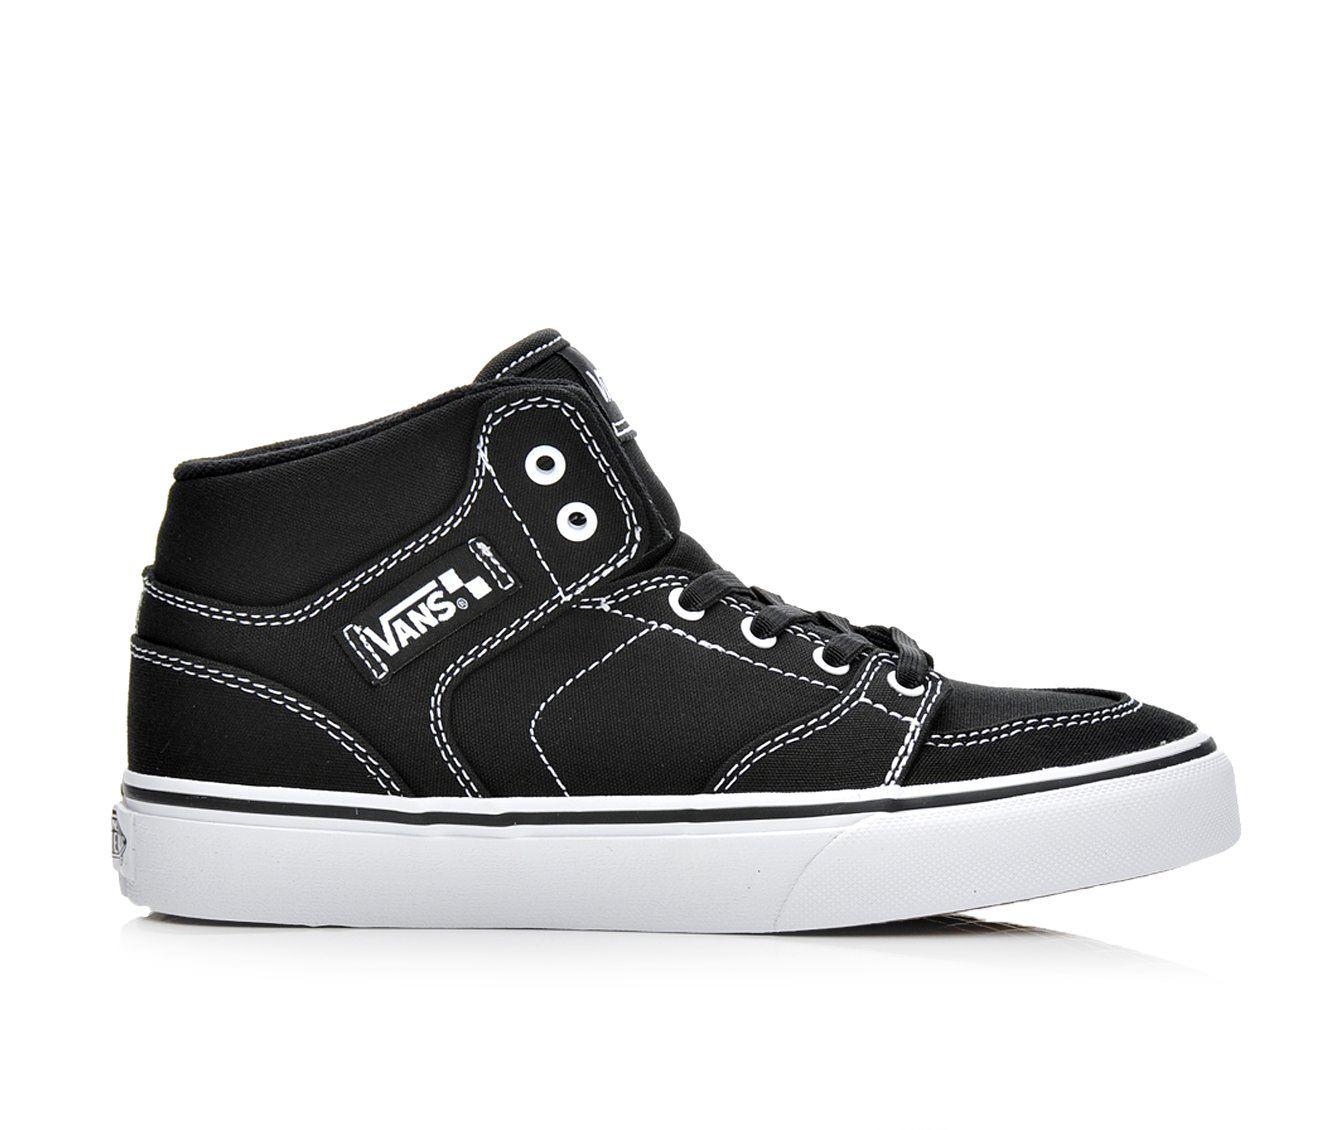 Boys' Vans Brooklyn Slip On Skate Shoes (Black)